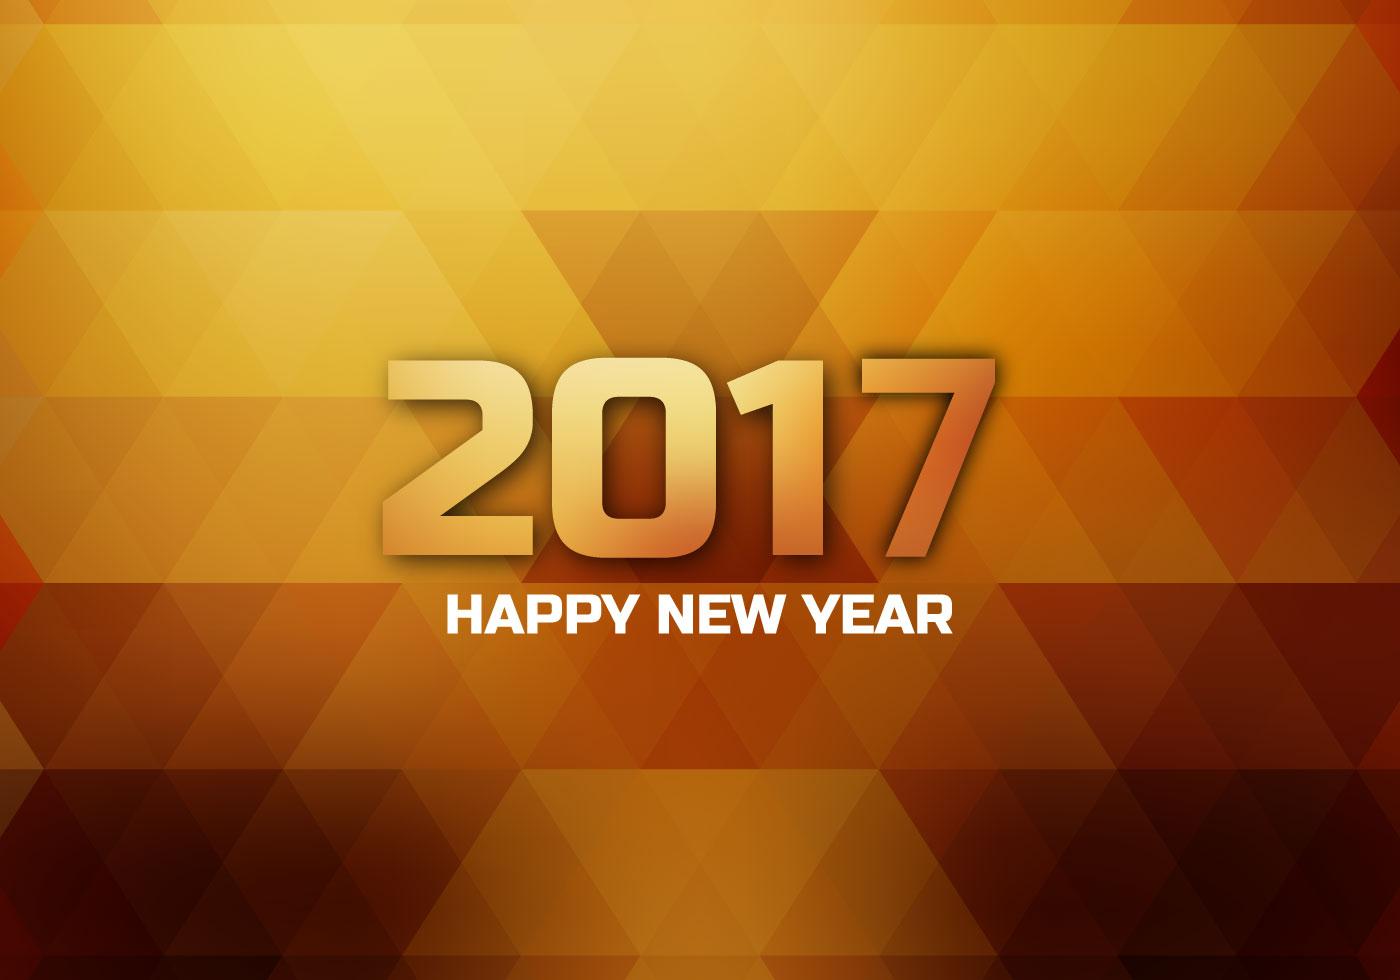 Glänzende 2017 Happy New Year Card Kostenlose Vektor Kunst Archiv